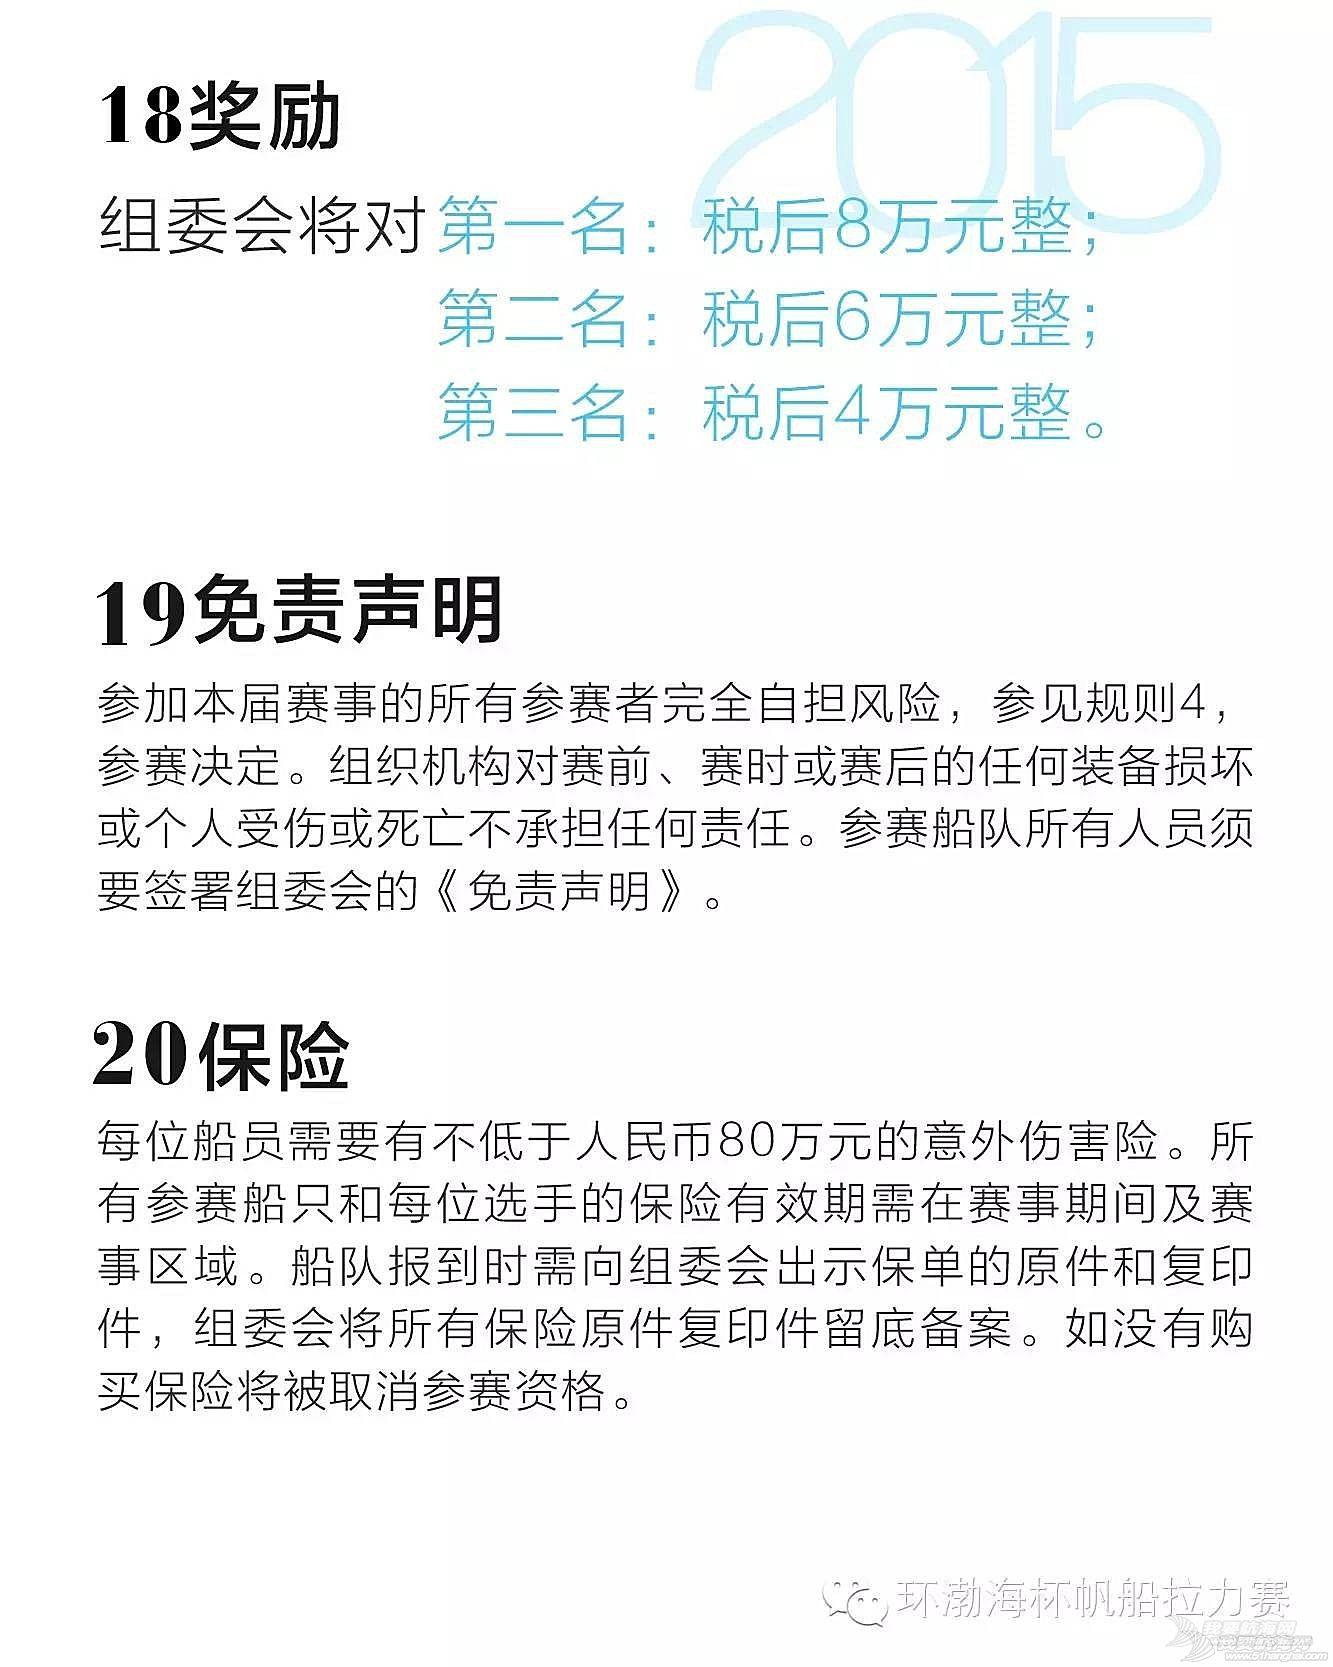 拉力赛,中国,渤海,帆船 2015中国环渤海帆船拉力赛竞赛通知